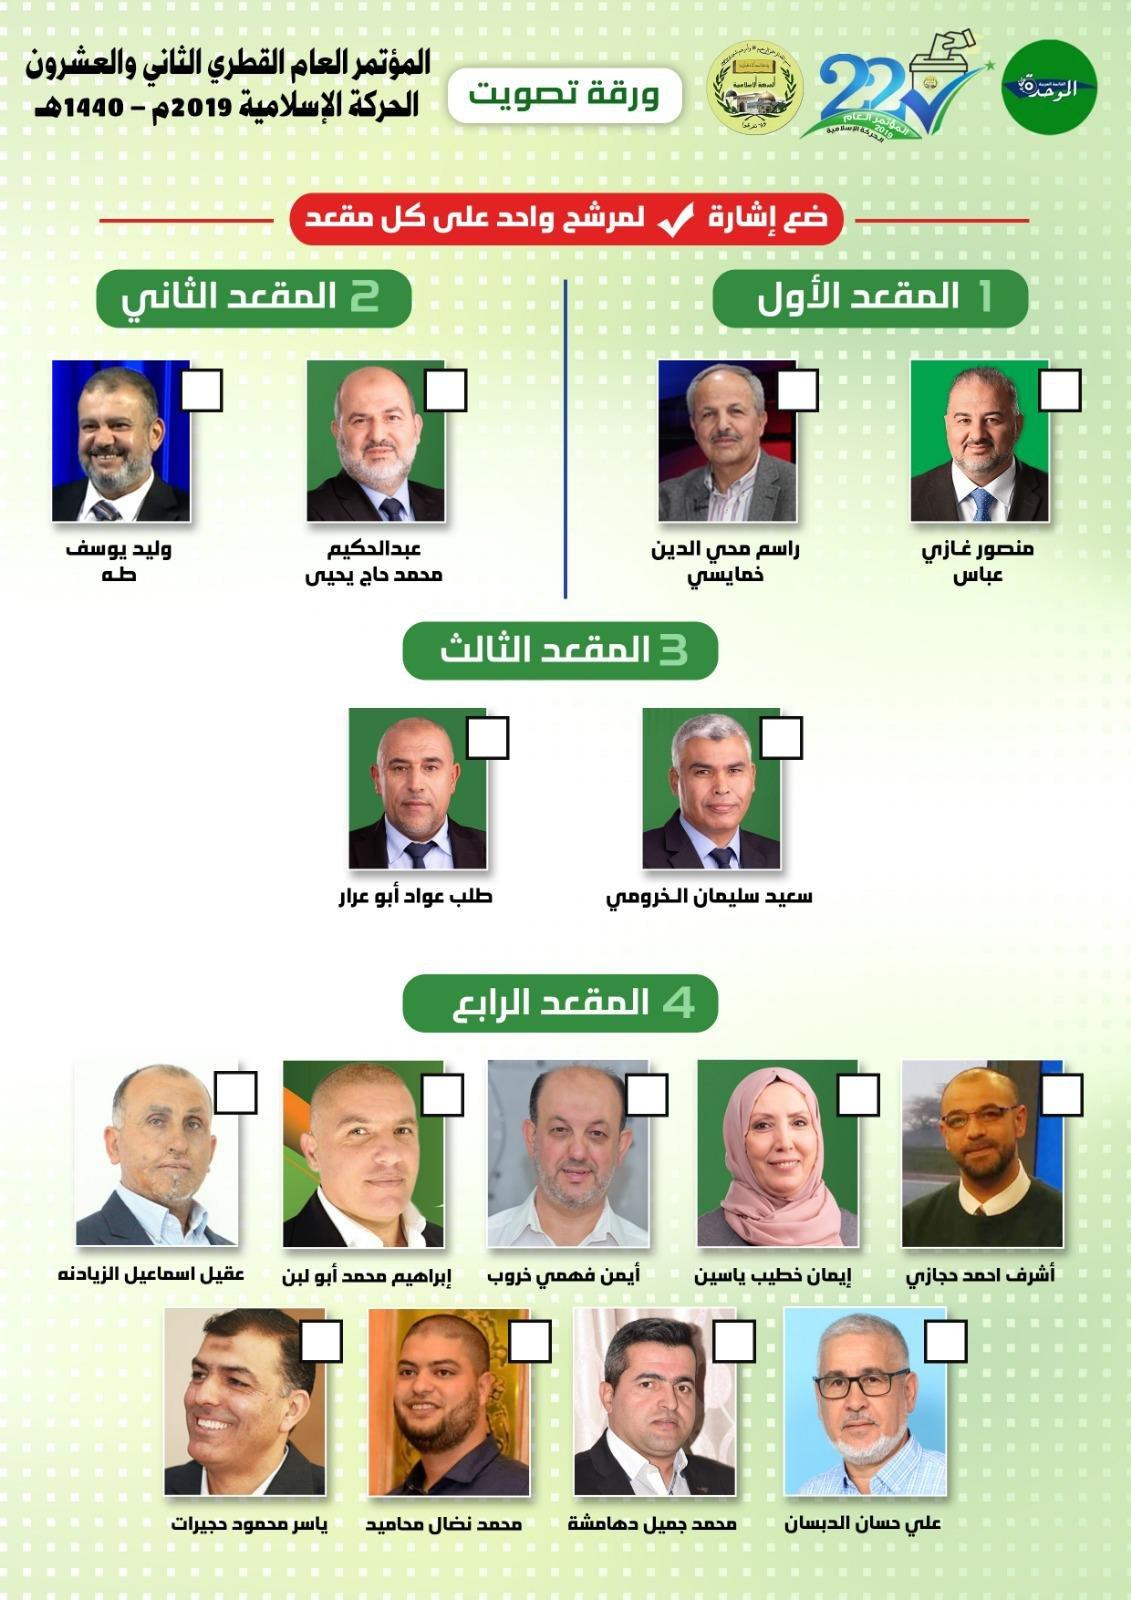 منتسبو الحركة الاسلامية يختارون ممثليهم: د. منصور، طه، الخرومي والسيدة خطيب